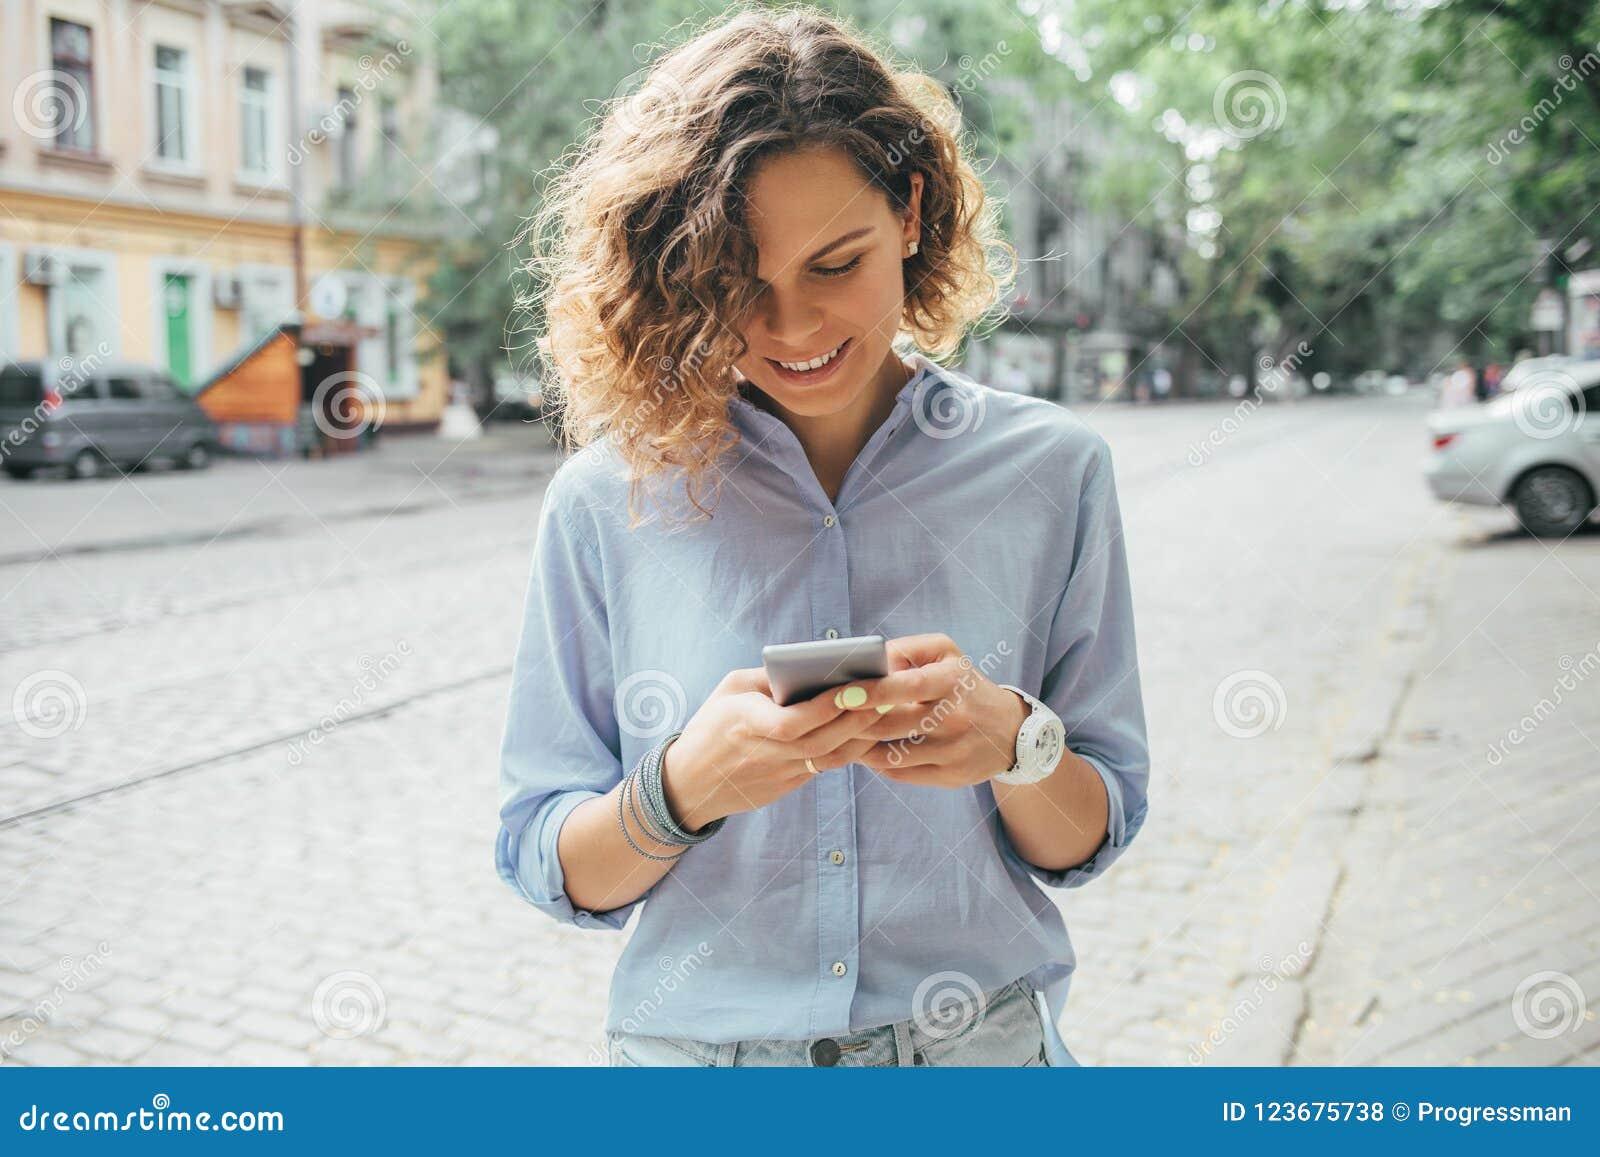 穿蓝色衬衣的愉快的年轻女人使用手机